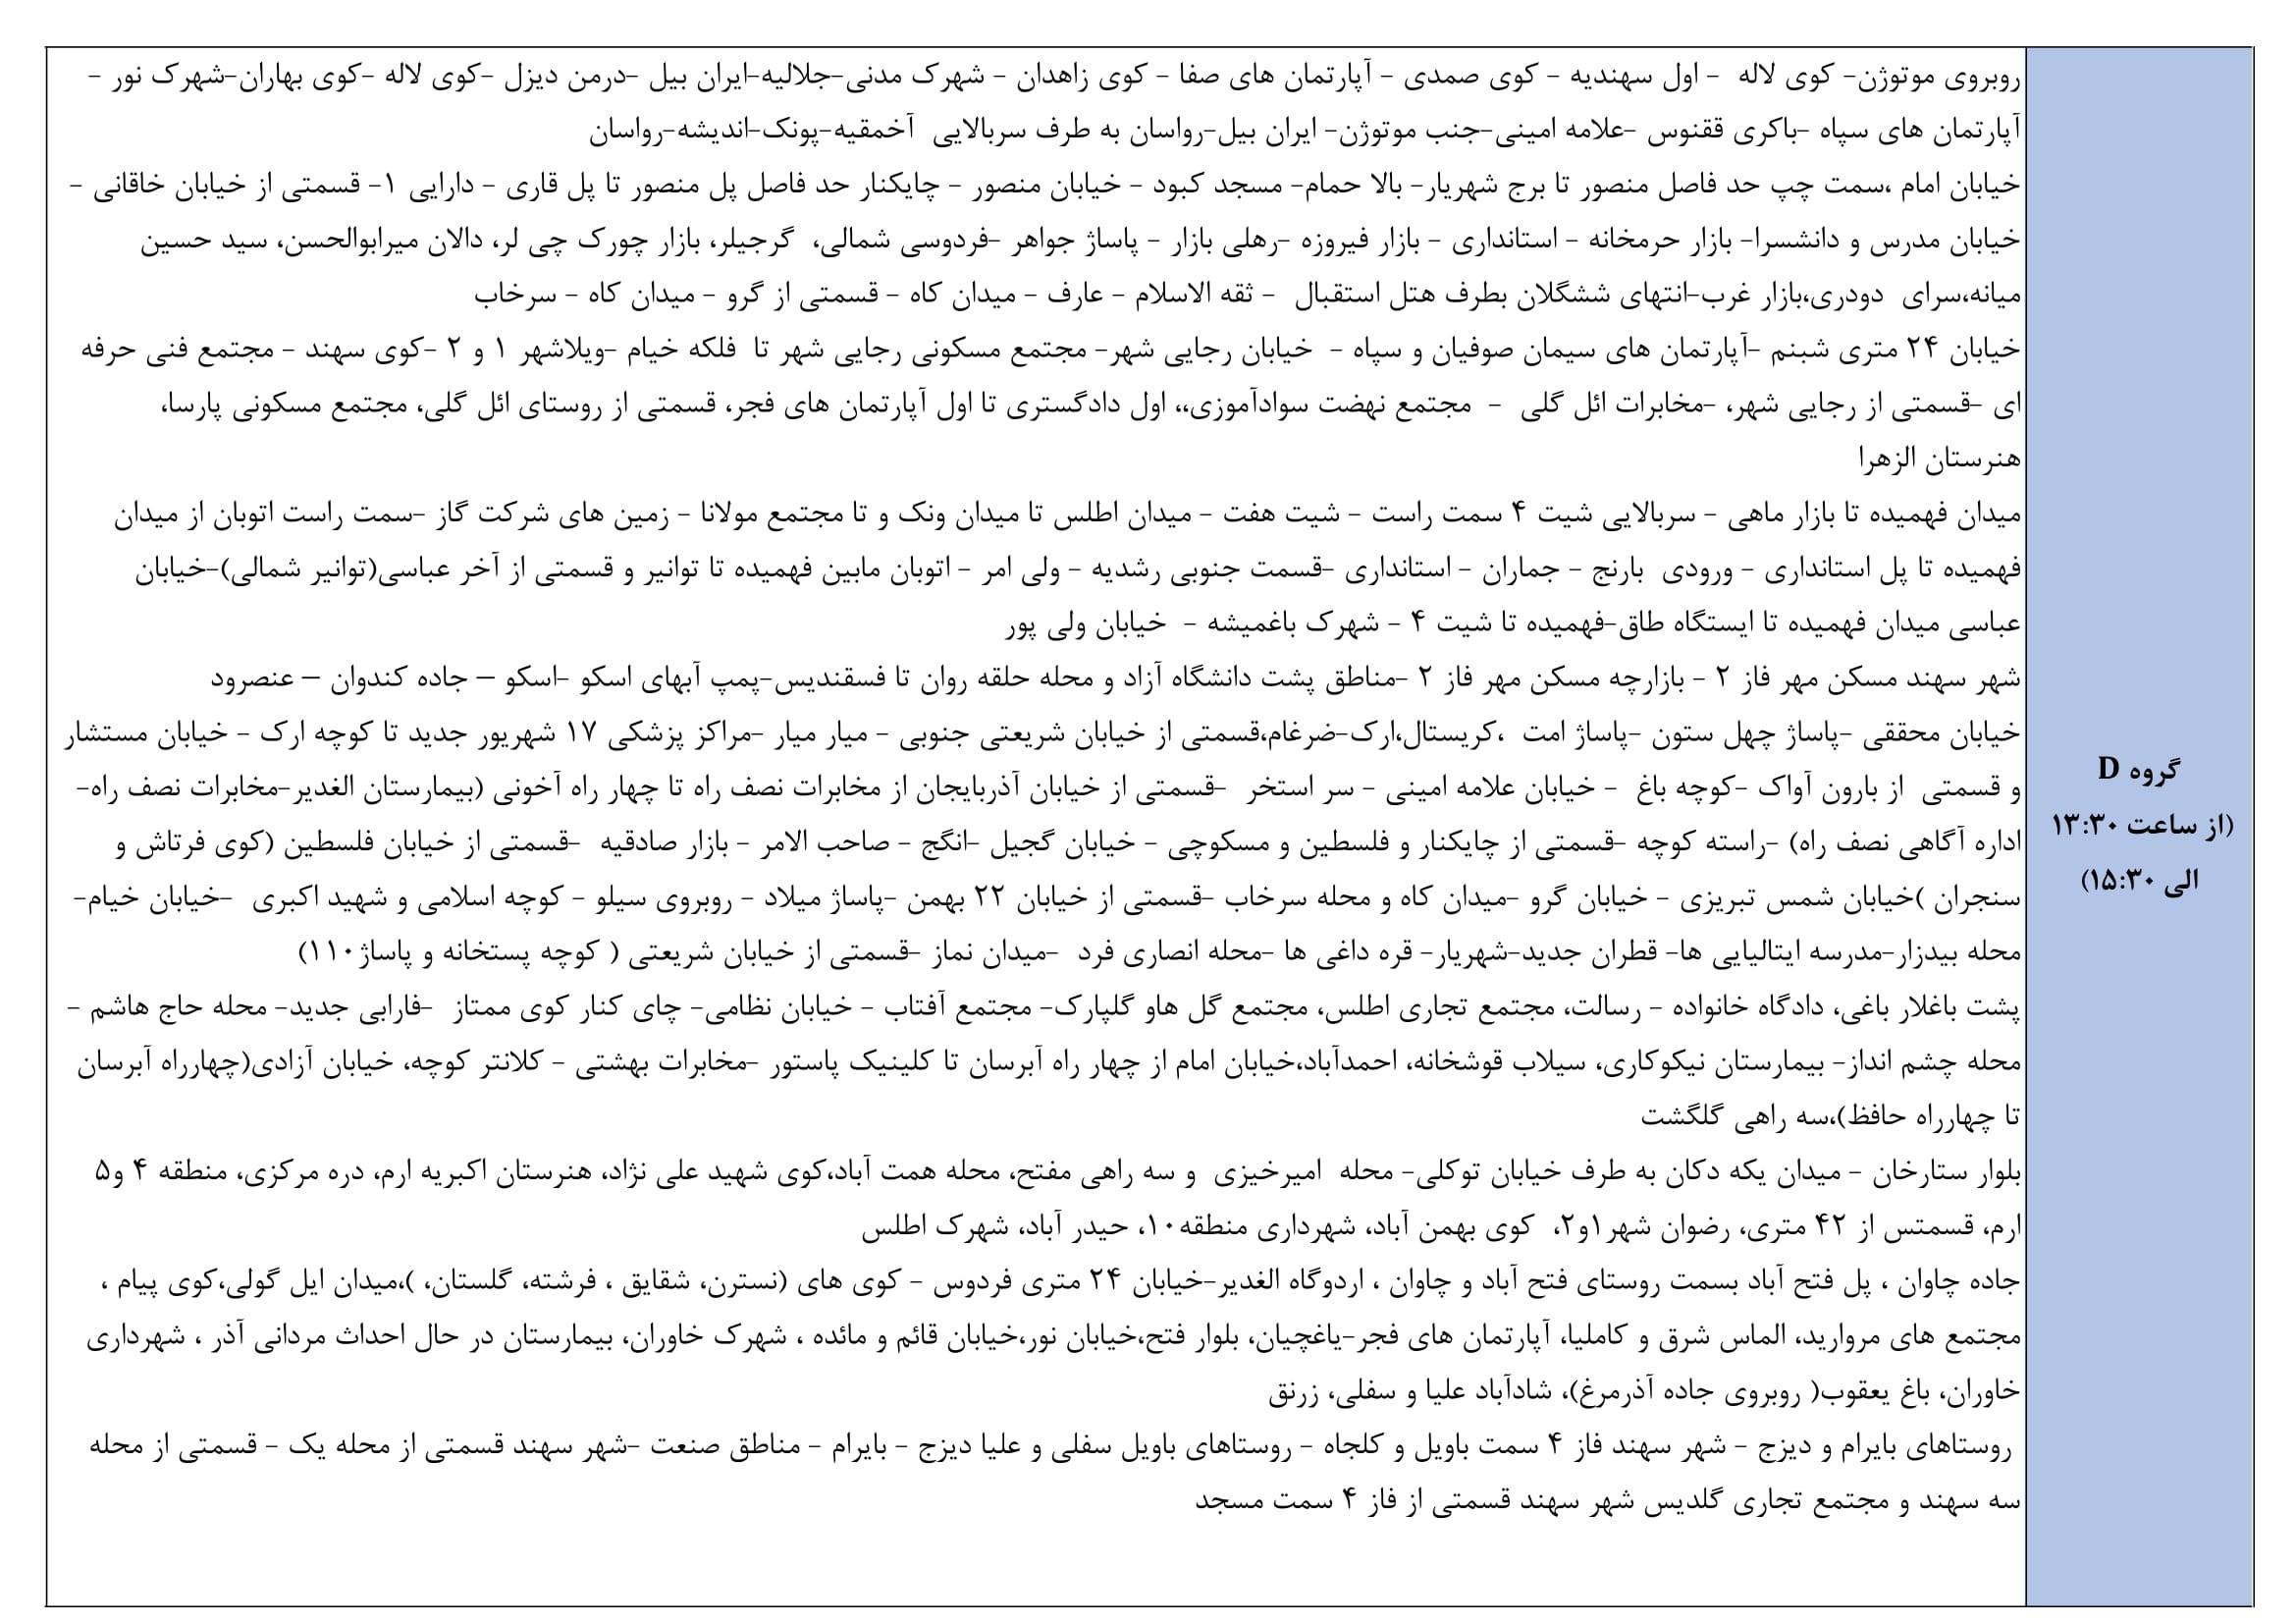 زمان بندی قطع برق تبریز 1400 ؛ جدول قطعی برق آذربایجان شرقی چگونه است؟